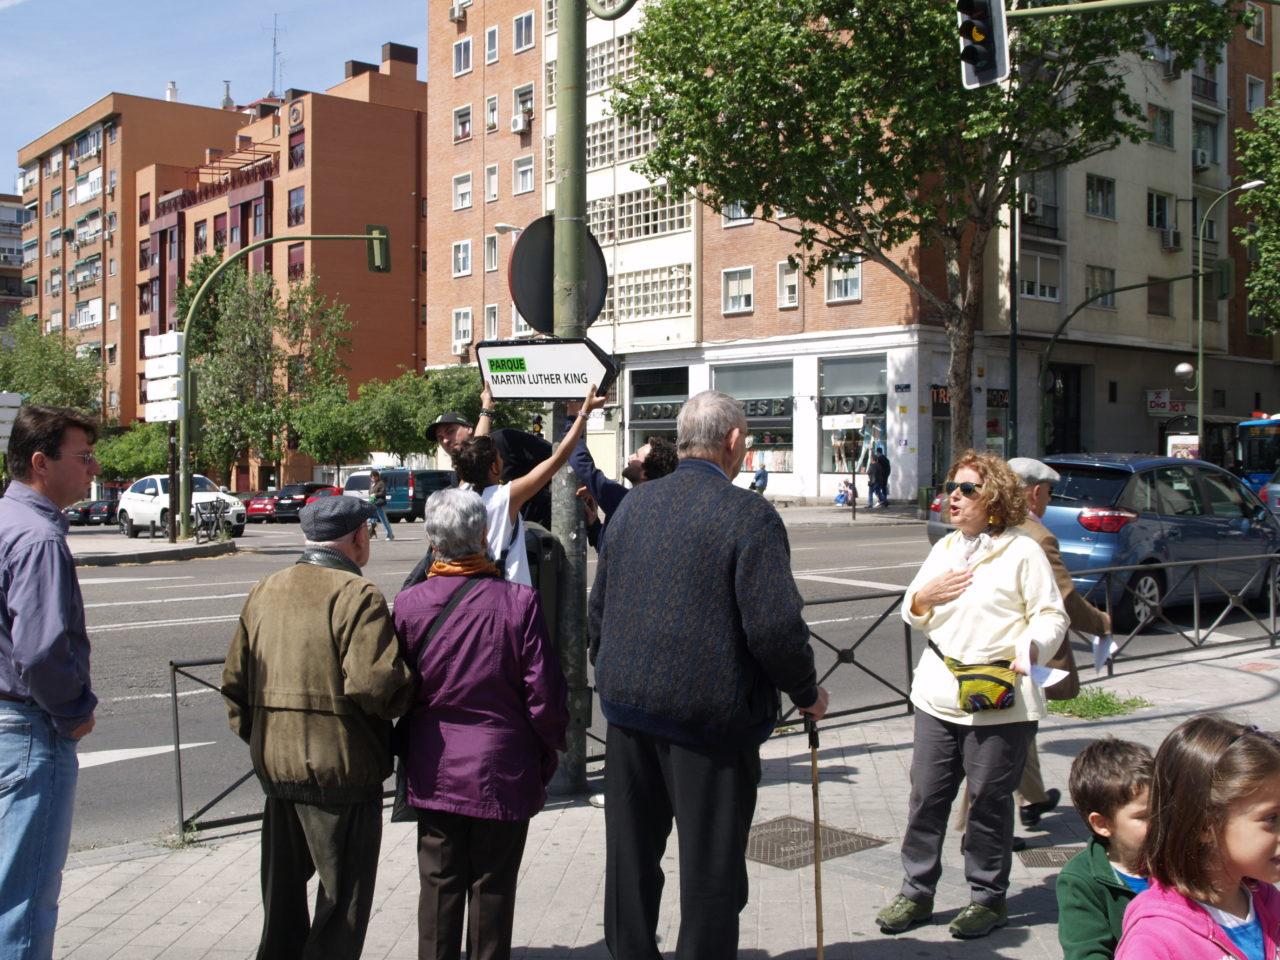 Siete años después de su inauguración, los vecinos de Adelfas señalizan el parque Martin Luther King